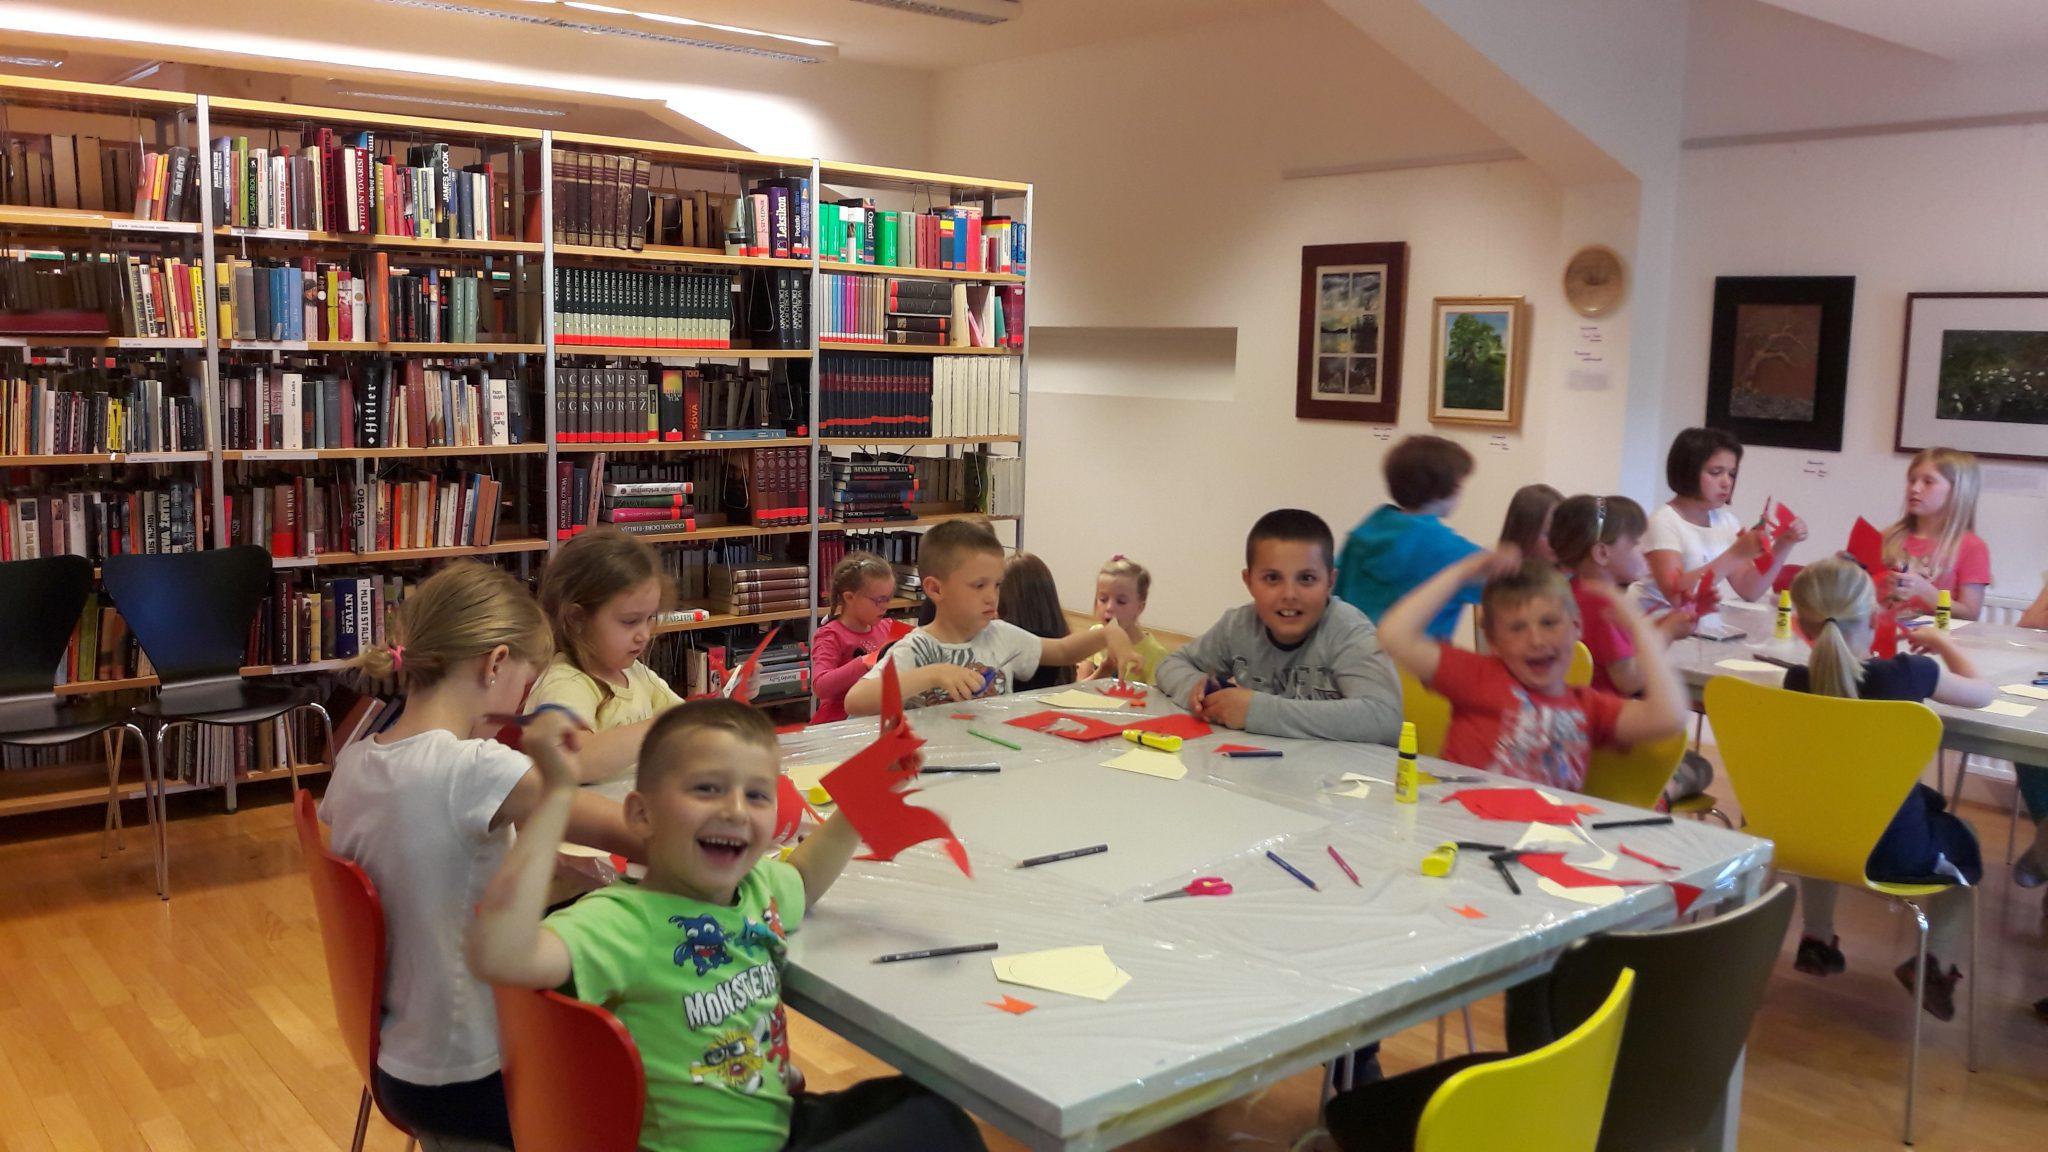 20170516 174235 - Pravljična urica z ustvarjalno delavnico za otroke od 4. leta dalje – enota Rakek